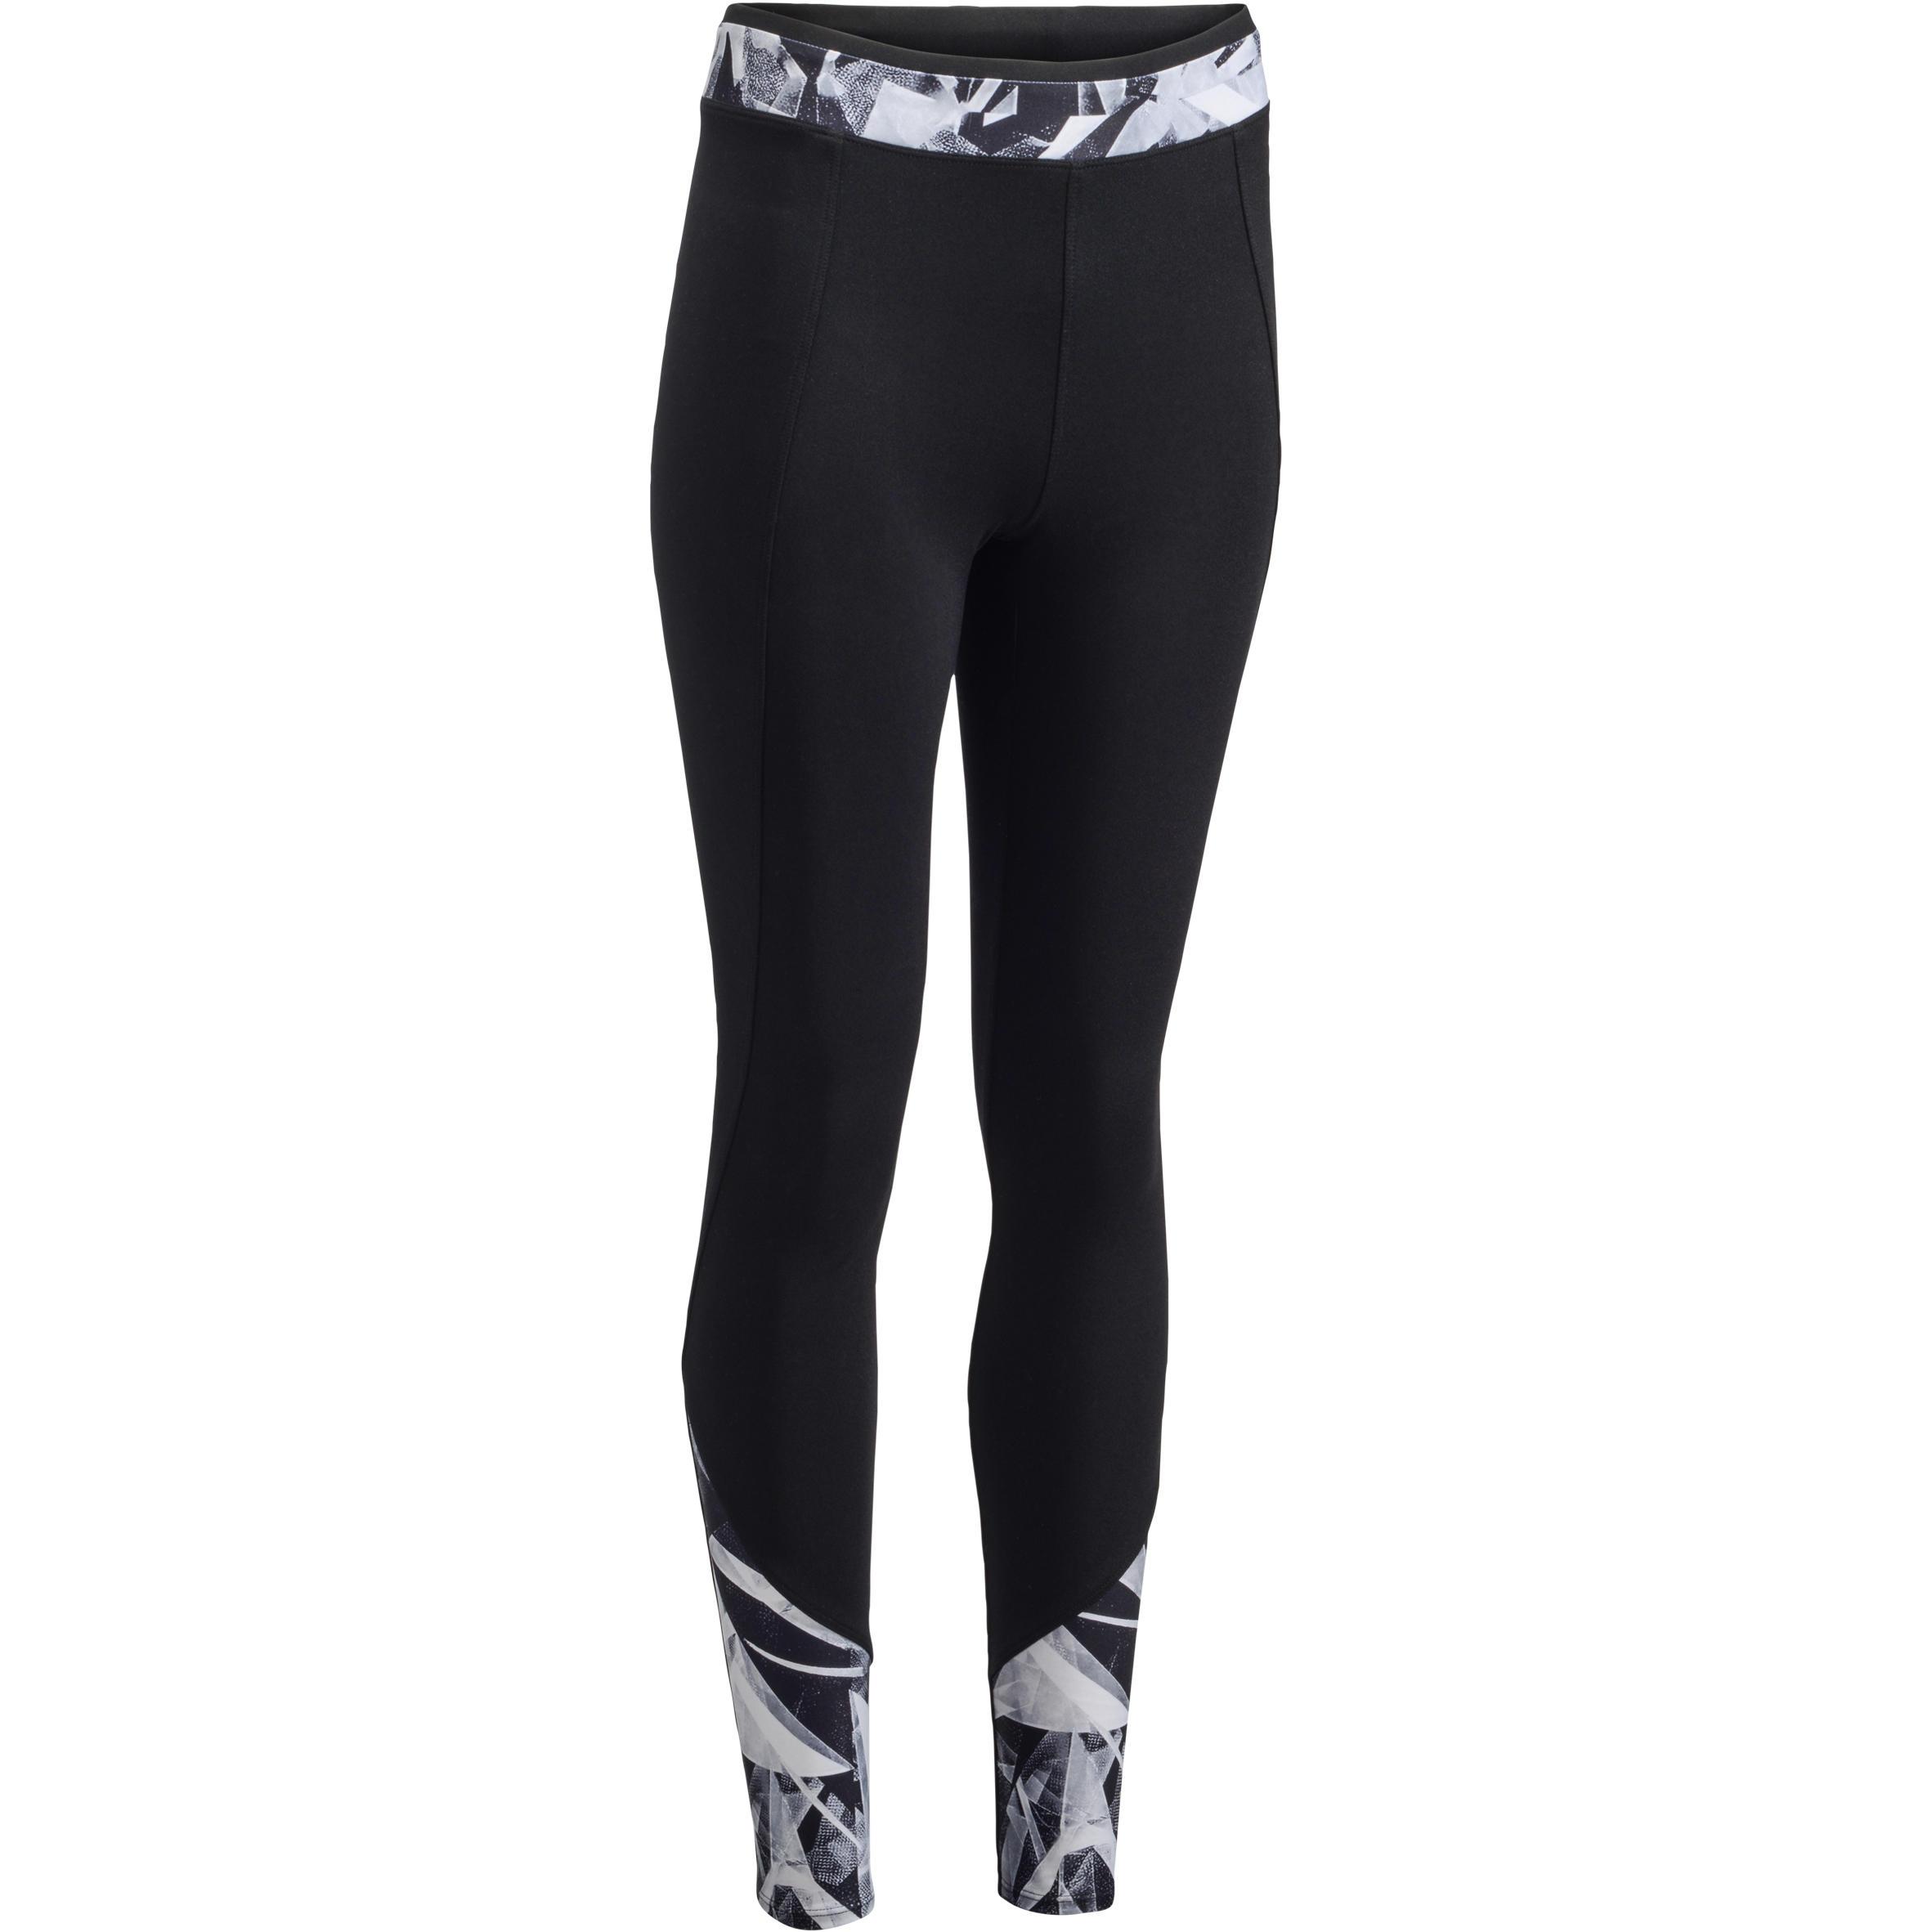 Leggings fitness cardio mujer bicolor negro y estampados geométricos 100 Domyos